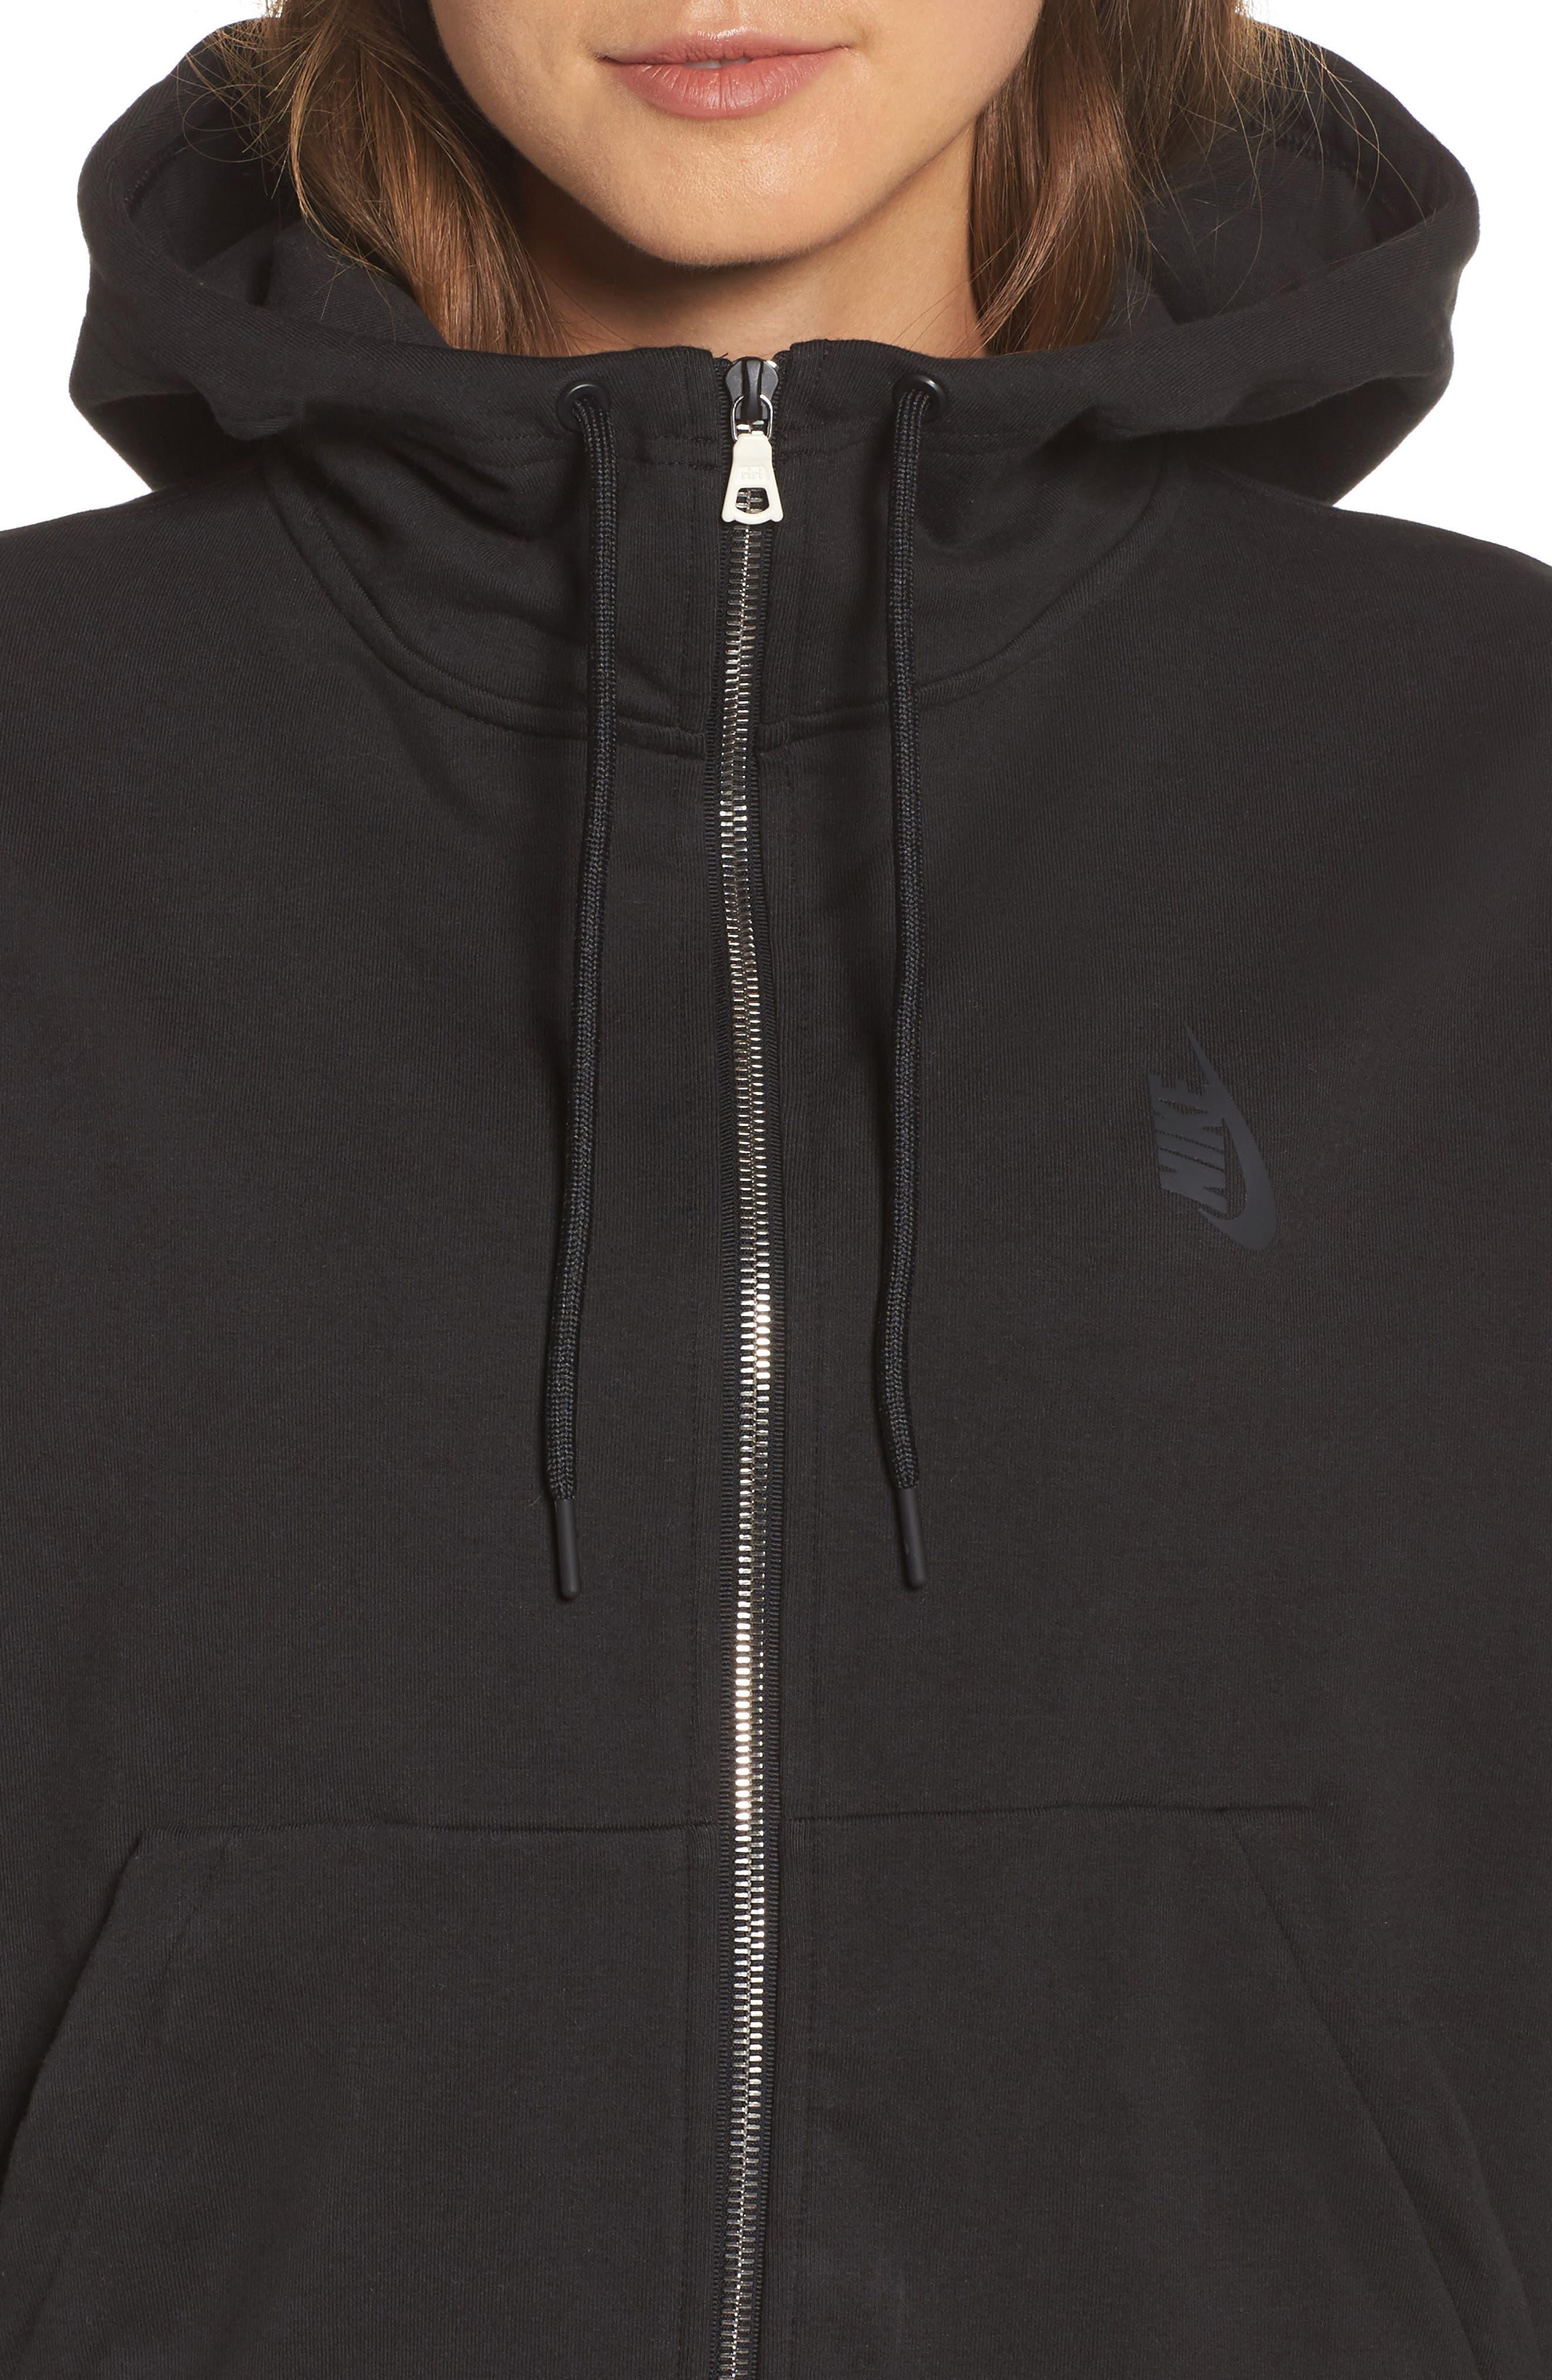 NikeLab Essentials Women's Zip Hoodie,                             Alternate thumbnail 4, color,                             BLACK/ BLACK